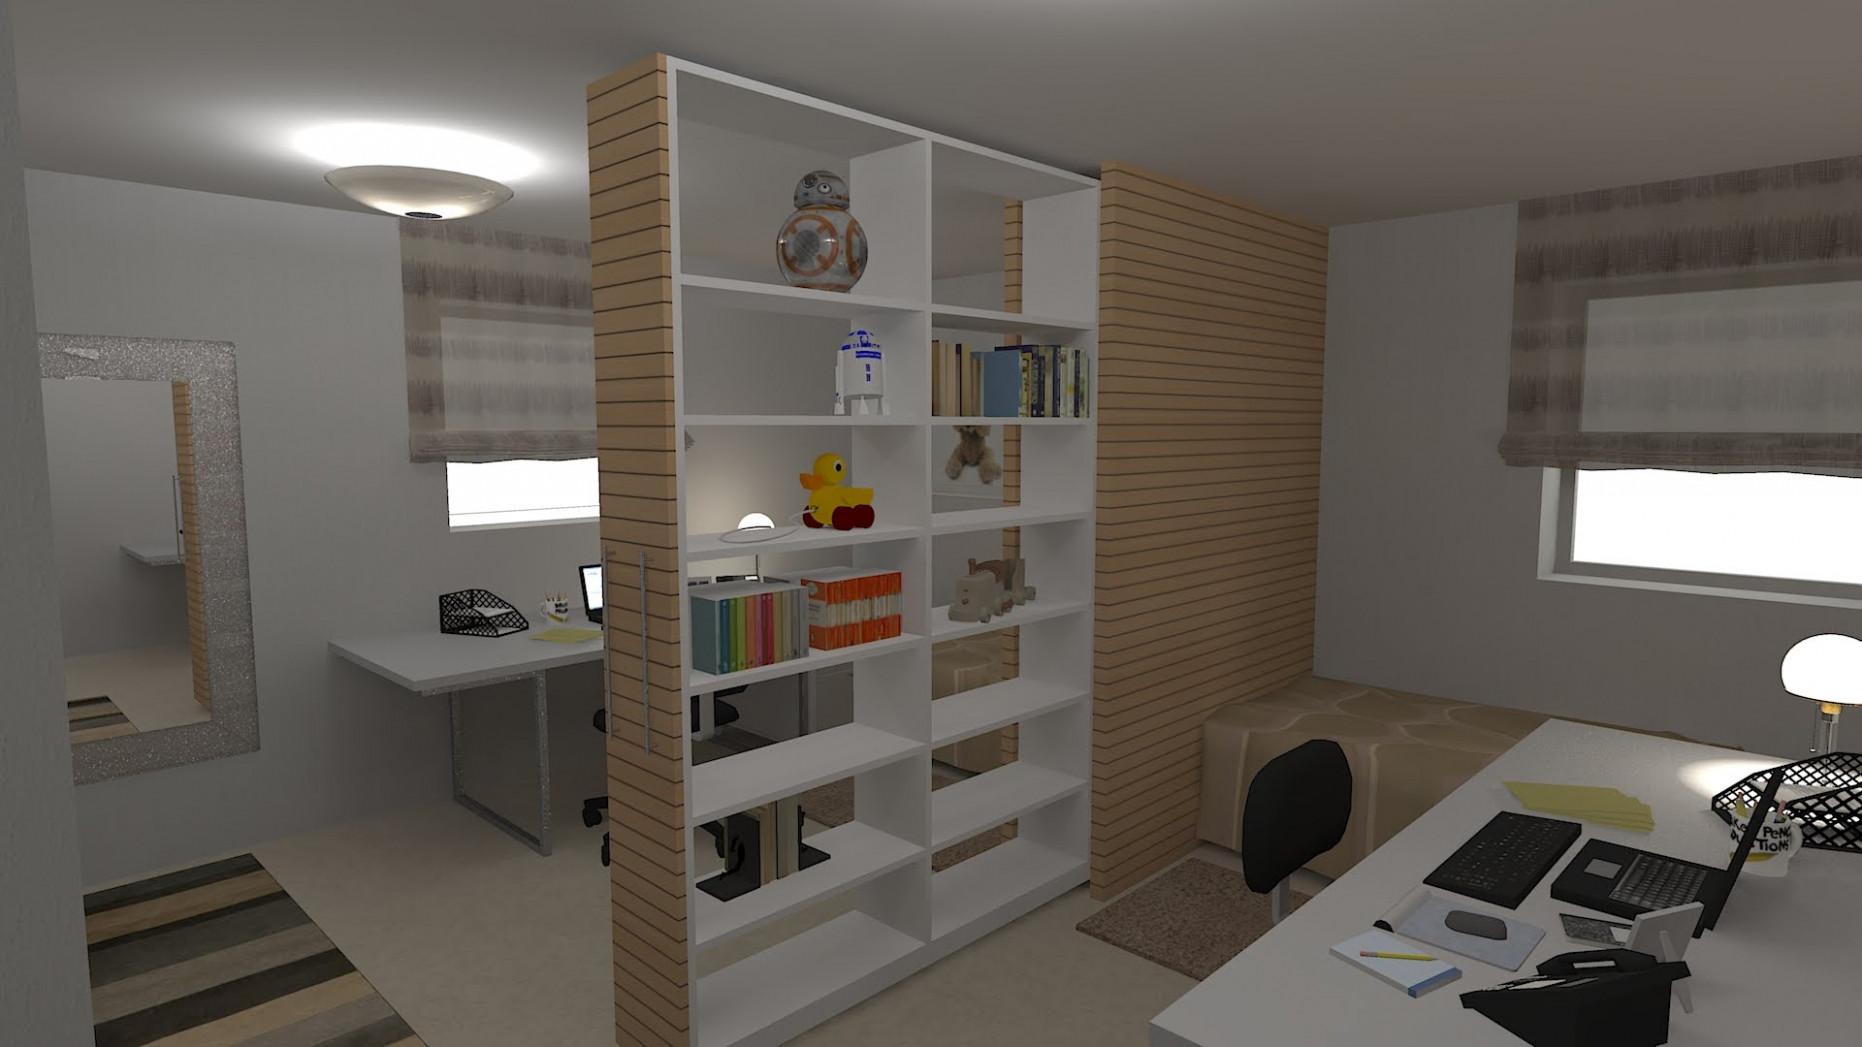 Full Size of Raumteiler Ikea Trennwand Vorhang Fenster Panel String Ta 1 4 R Miniküche Küche Kosten Regal Kaufen Betten 160x200 Sofa Mit Schlaffunktion Bei Modulküche Wohnzimmer Raumteiler Ikea